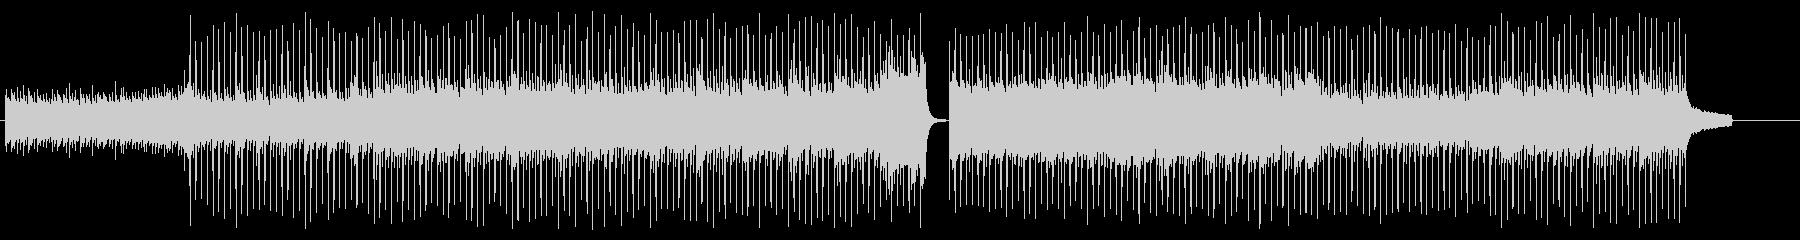 爽やかなピアノ・バイオリン・ポップメロ無の未再生の波形